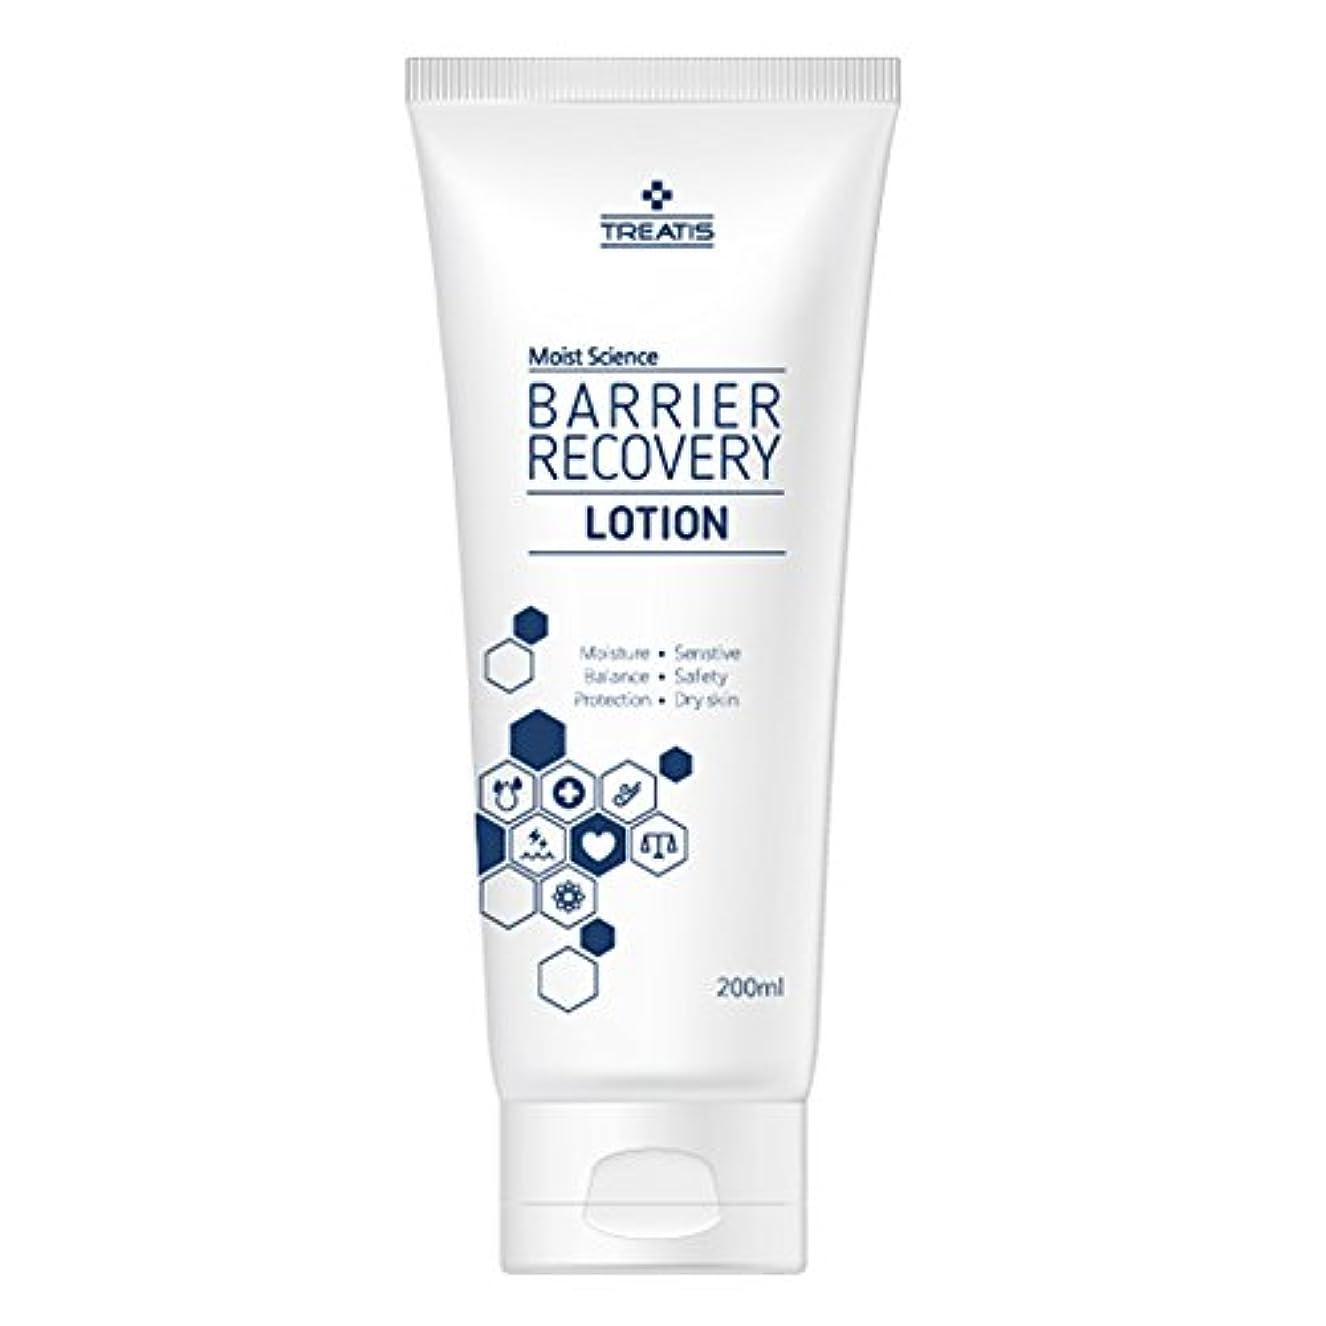 一族経営者本土Treatis barrier recovery lotion 7oz (200ml)/Moisture, Senstive, Balance, Safty, Protection, Dry skin [並行輸入品]